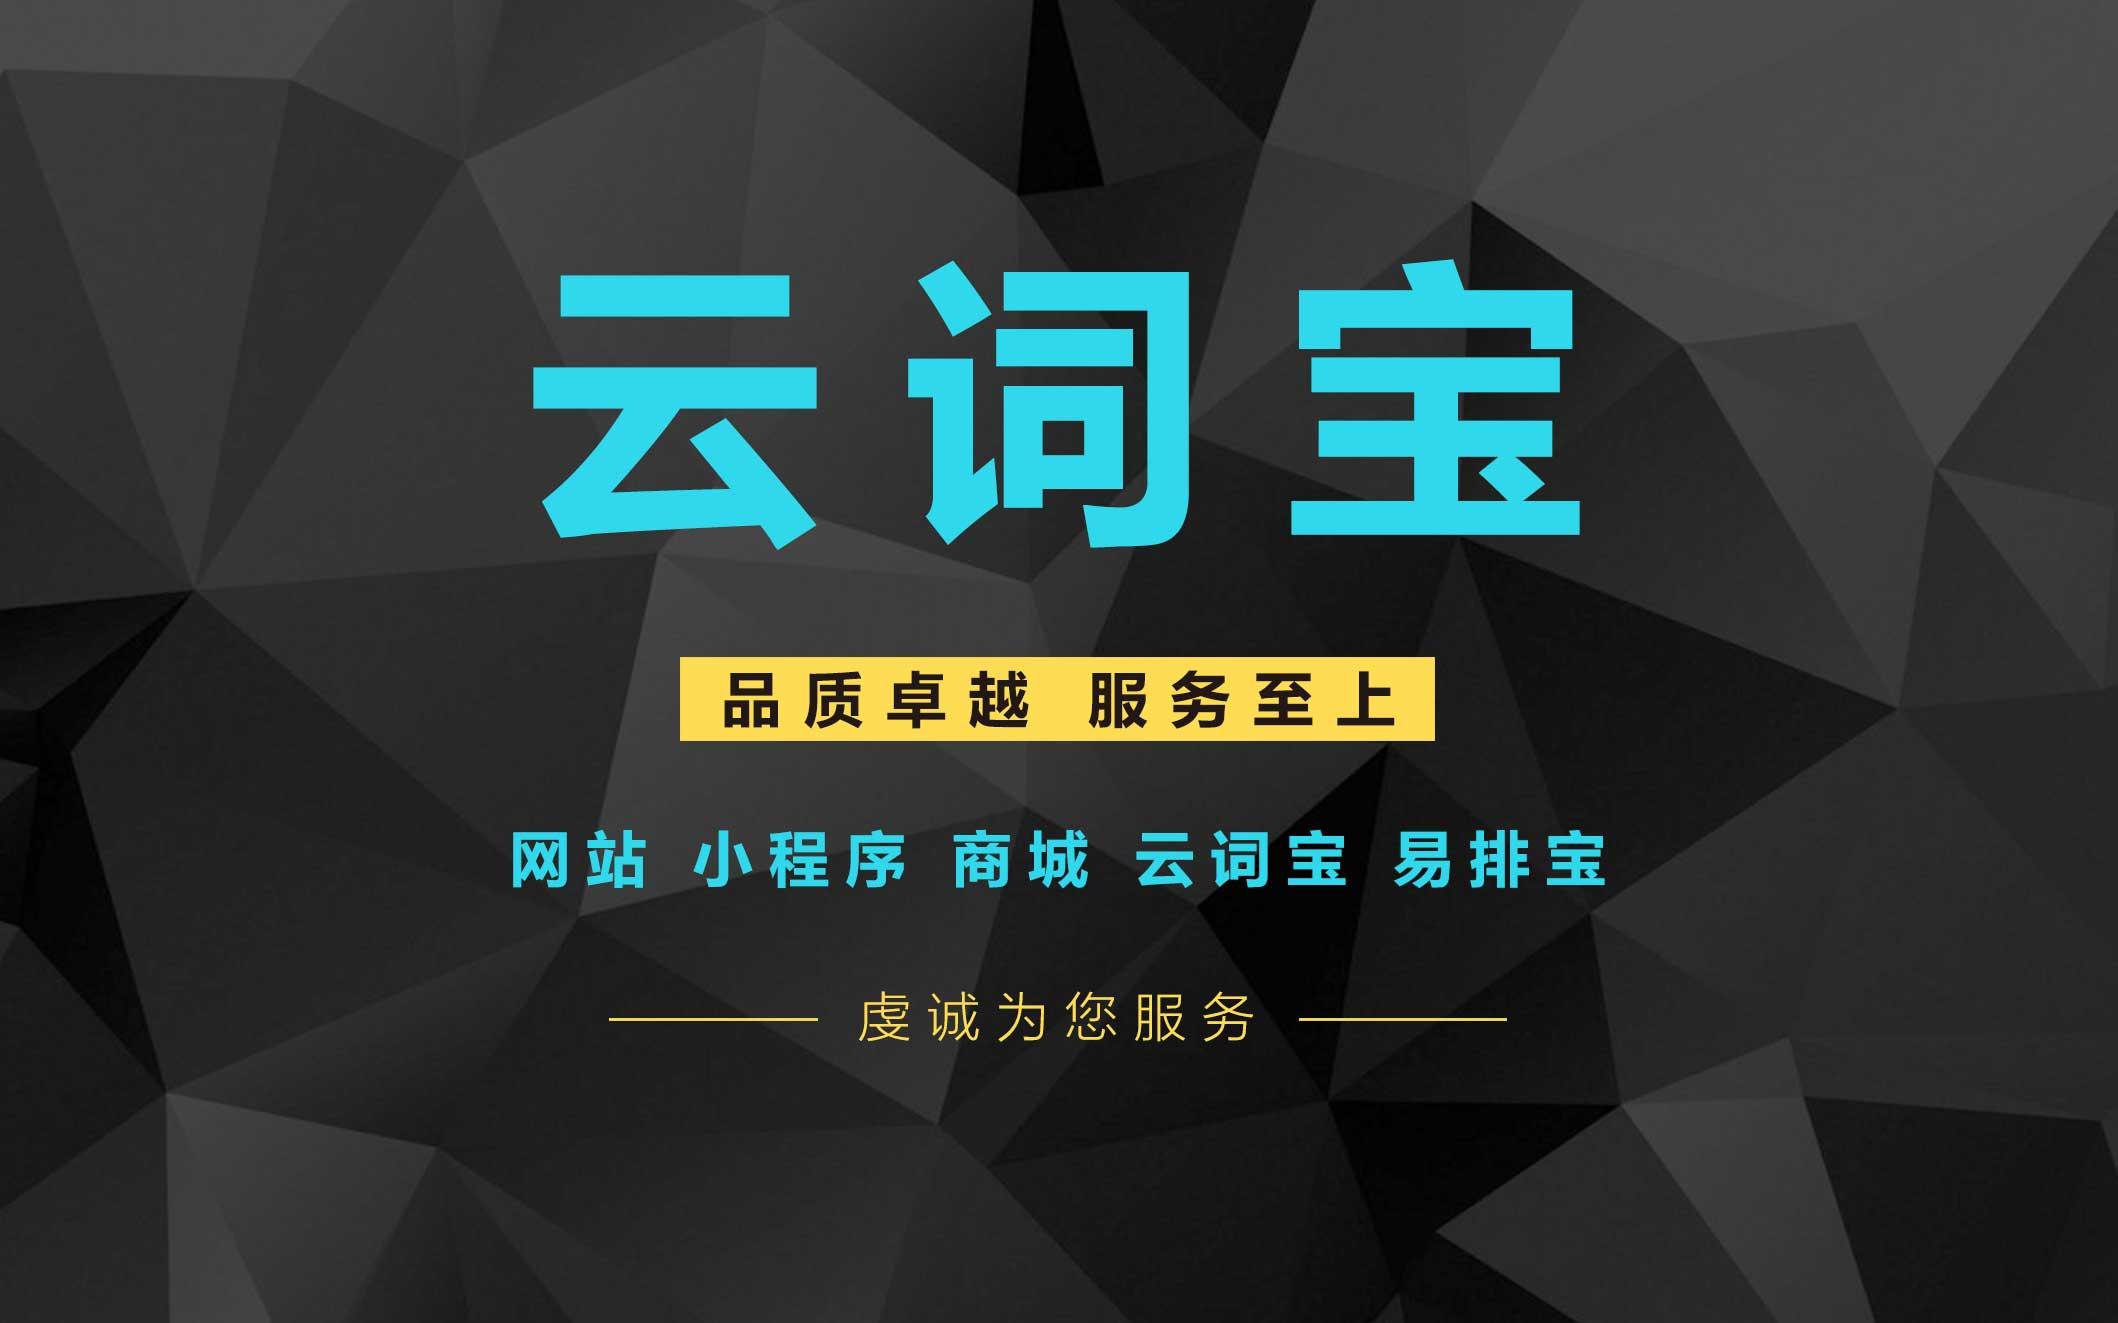 【SEO整合解决方案】快速排名 百度优化 网络营销外包公司